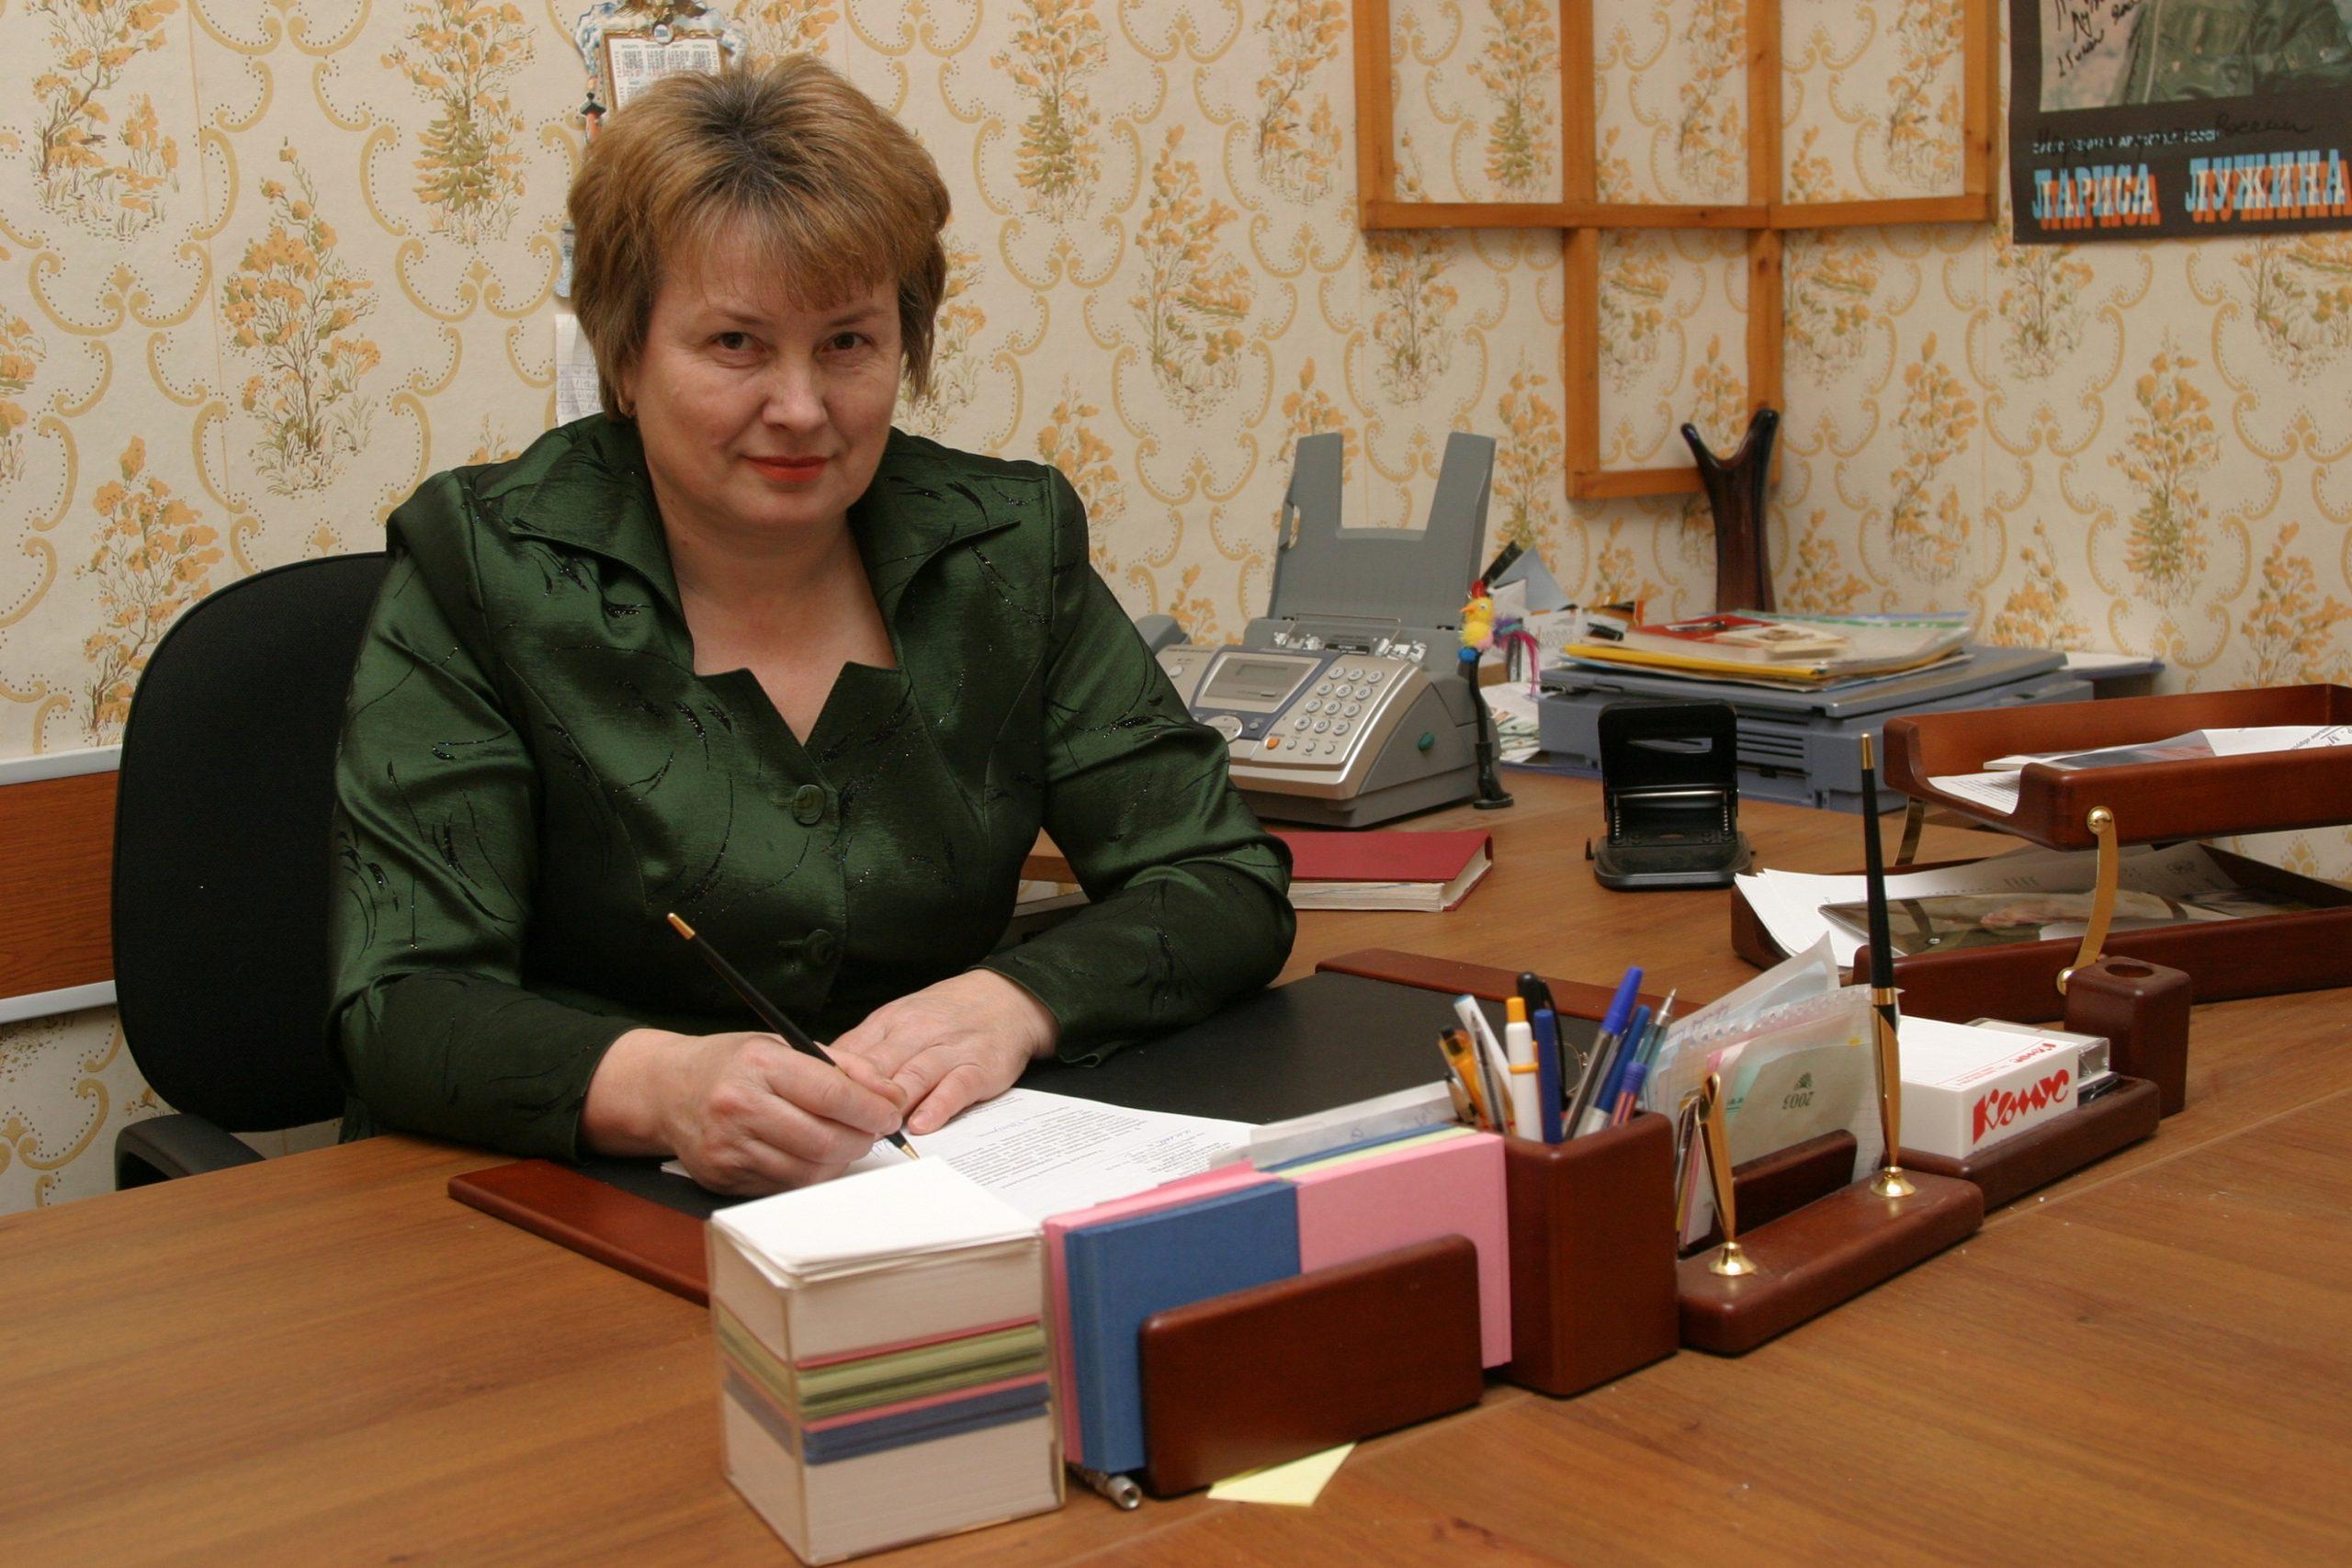 Щукина Валентина Васильевна, директор